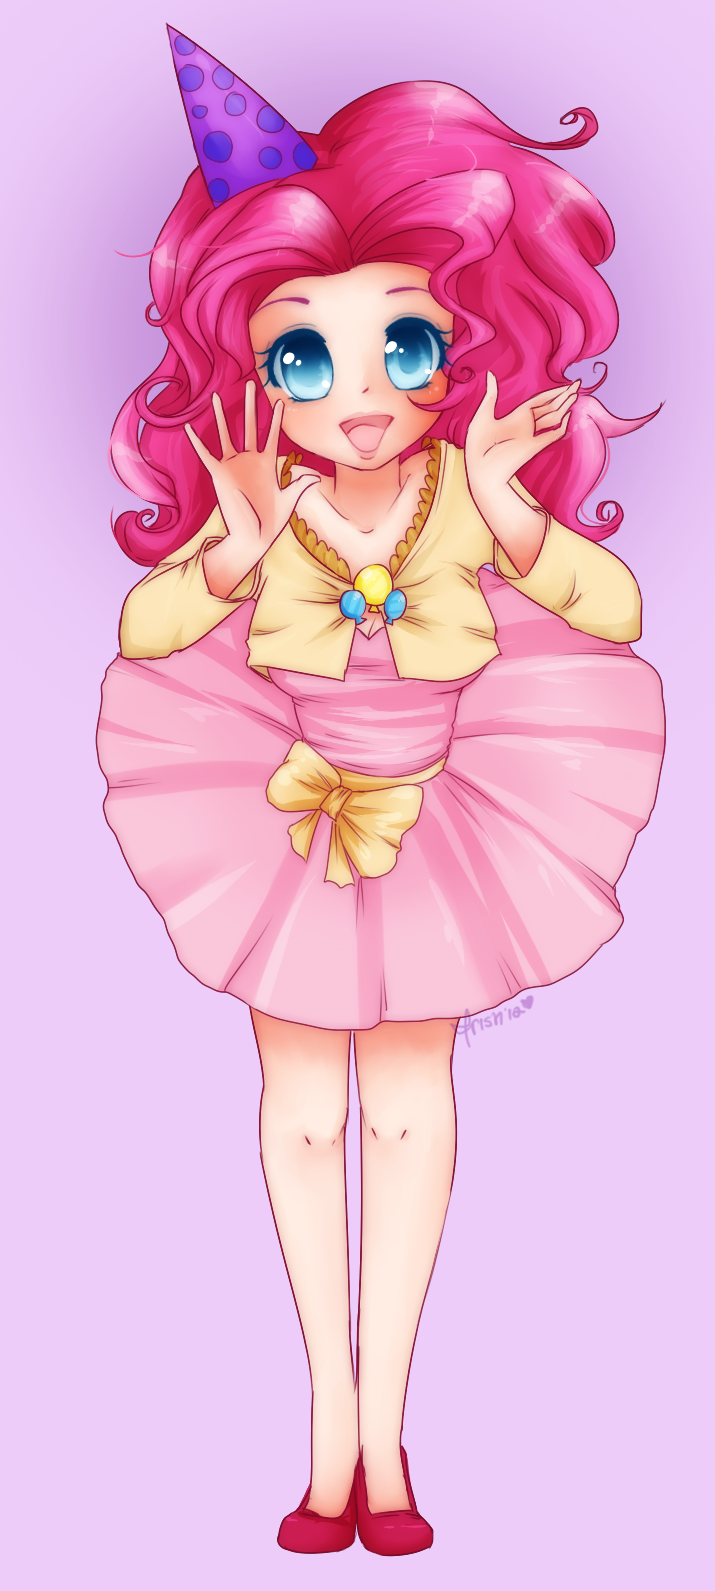 Human Pinkie Pie Shrug